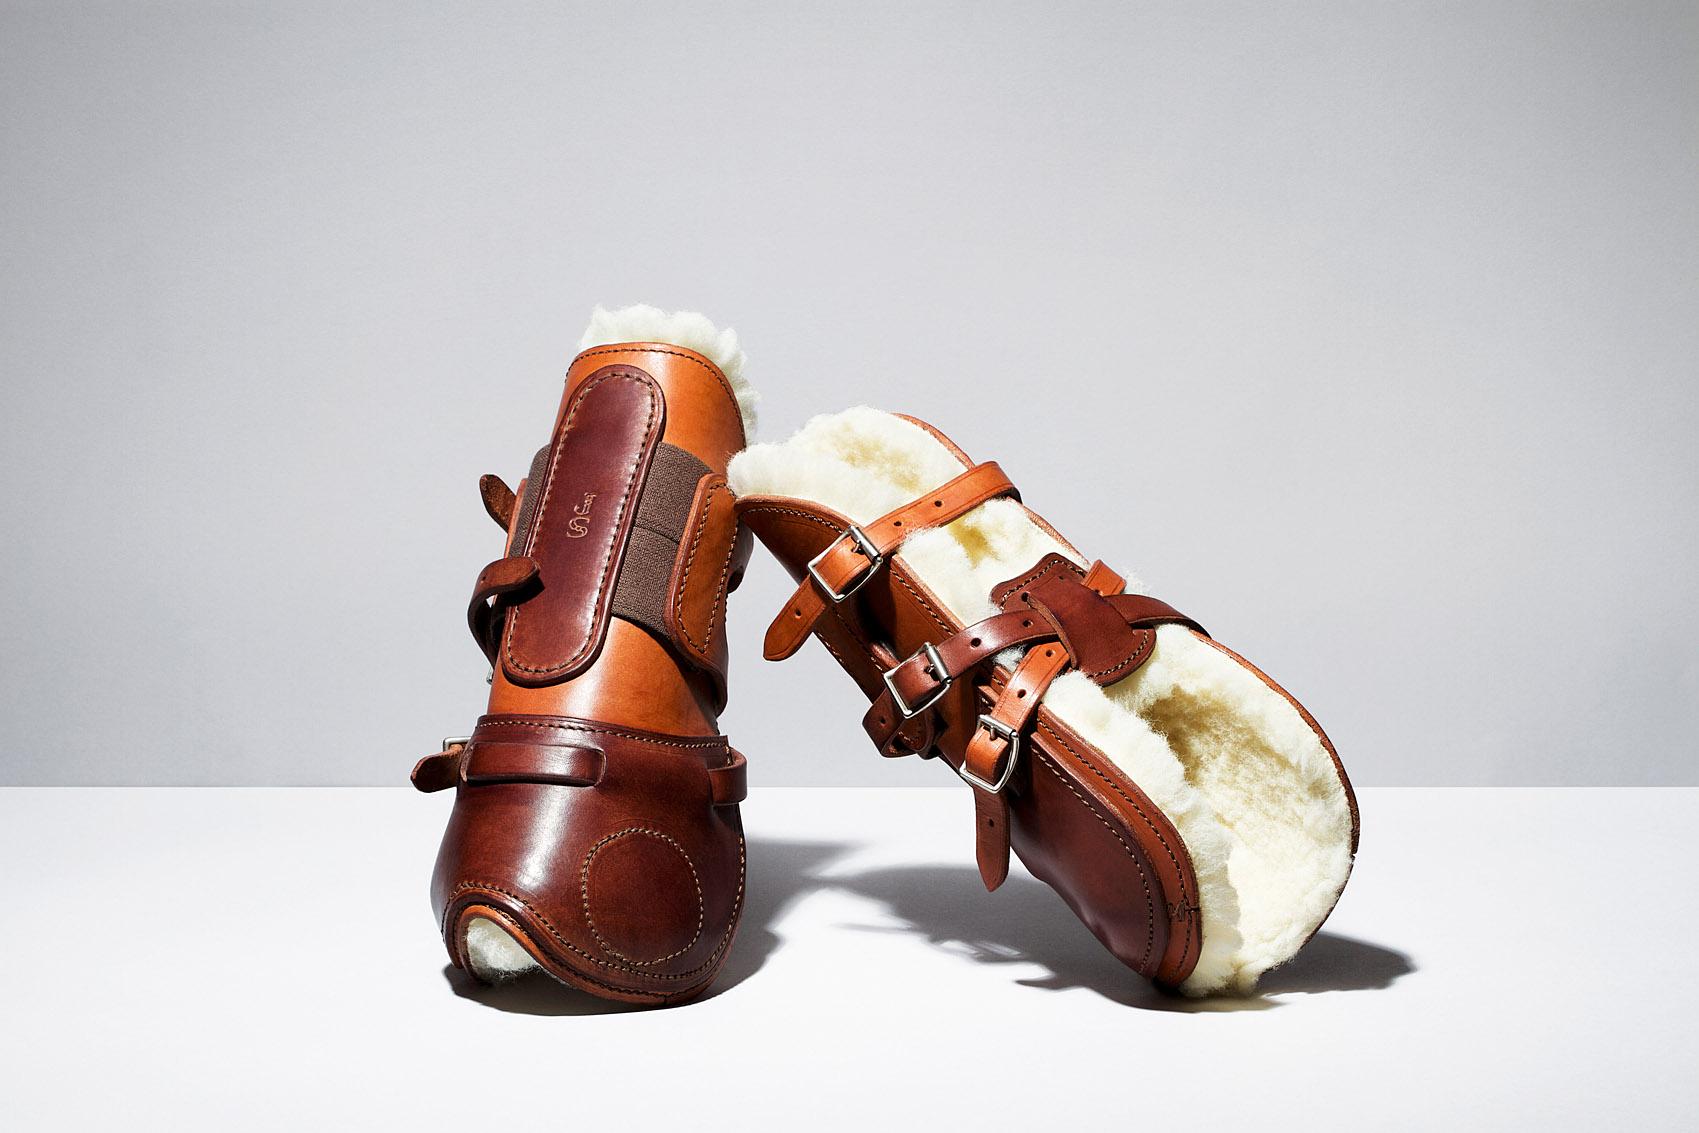 De cuirs et de crins, artisan sellier harnacheur, Les Sables d'Olonne